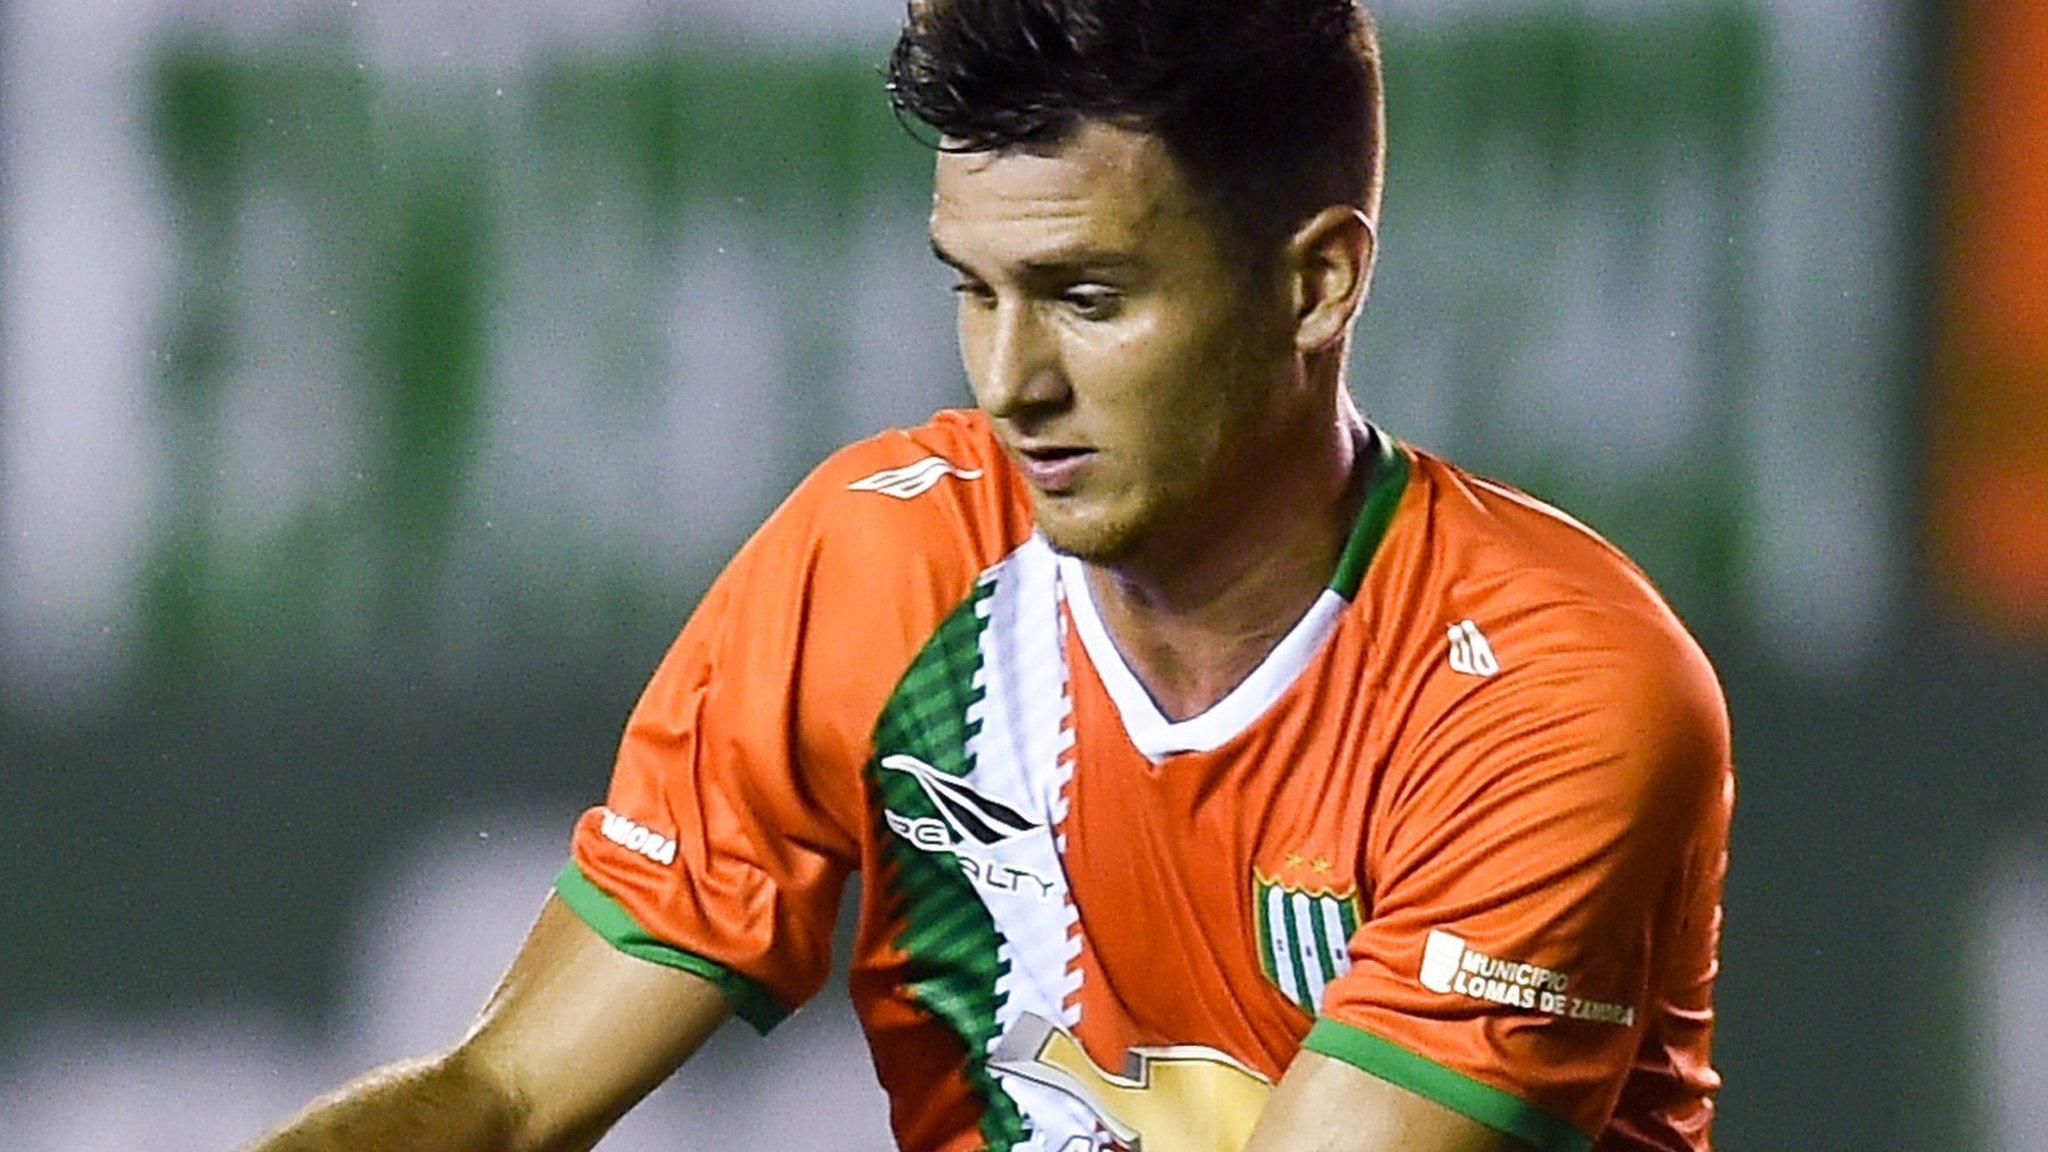 Dundee United sign Argentine left-back Sporle